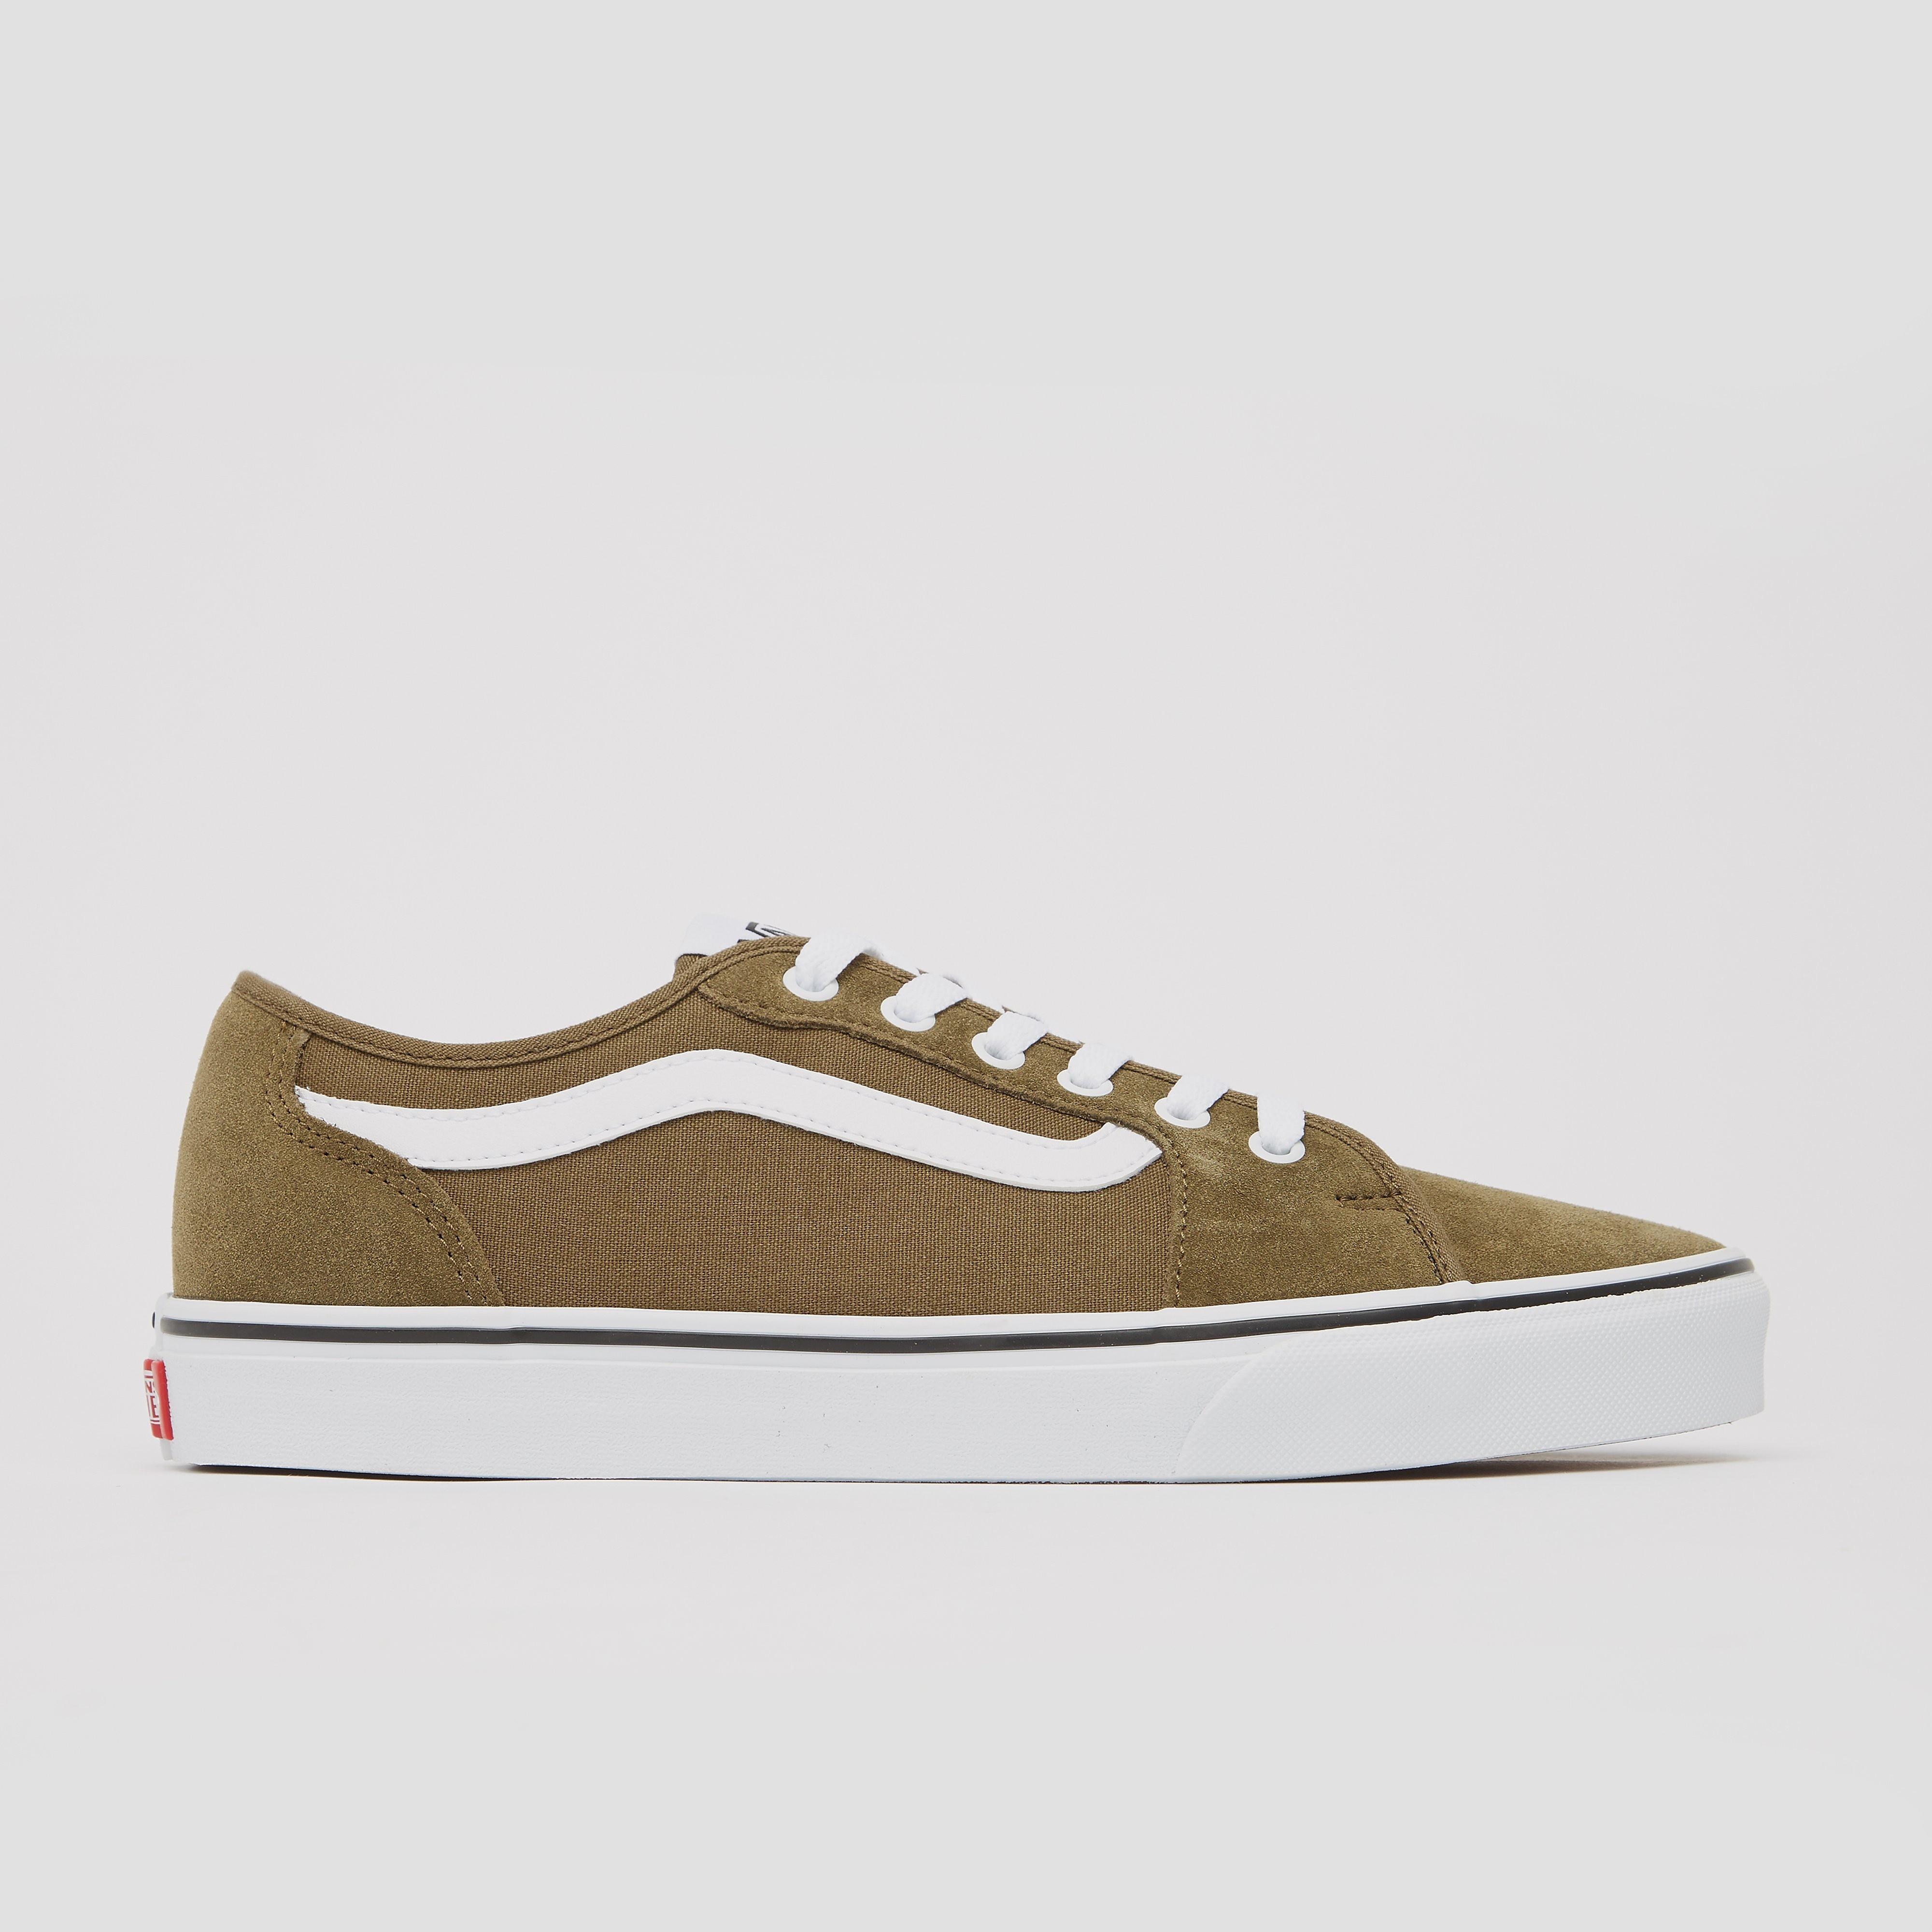 VANS Filmore decon sneakers groen heren Heren